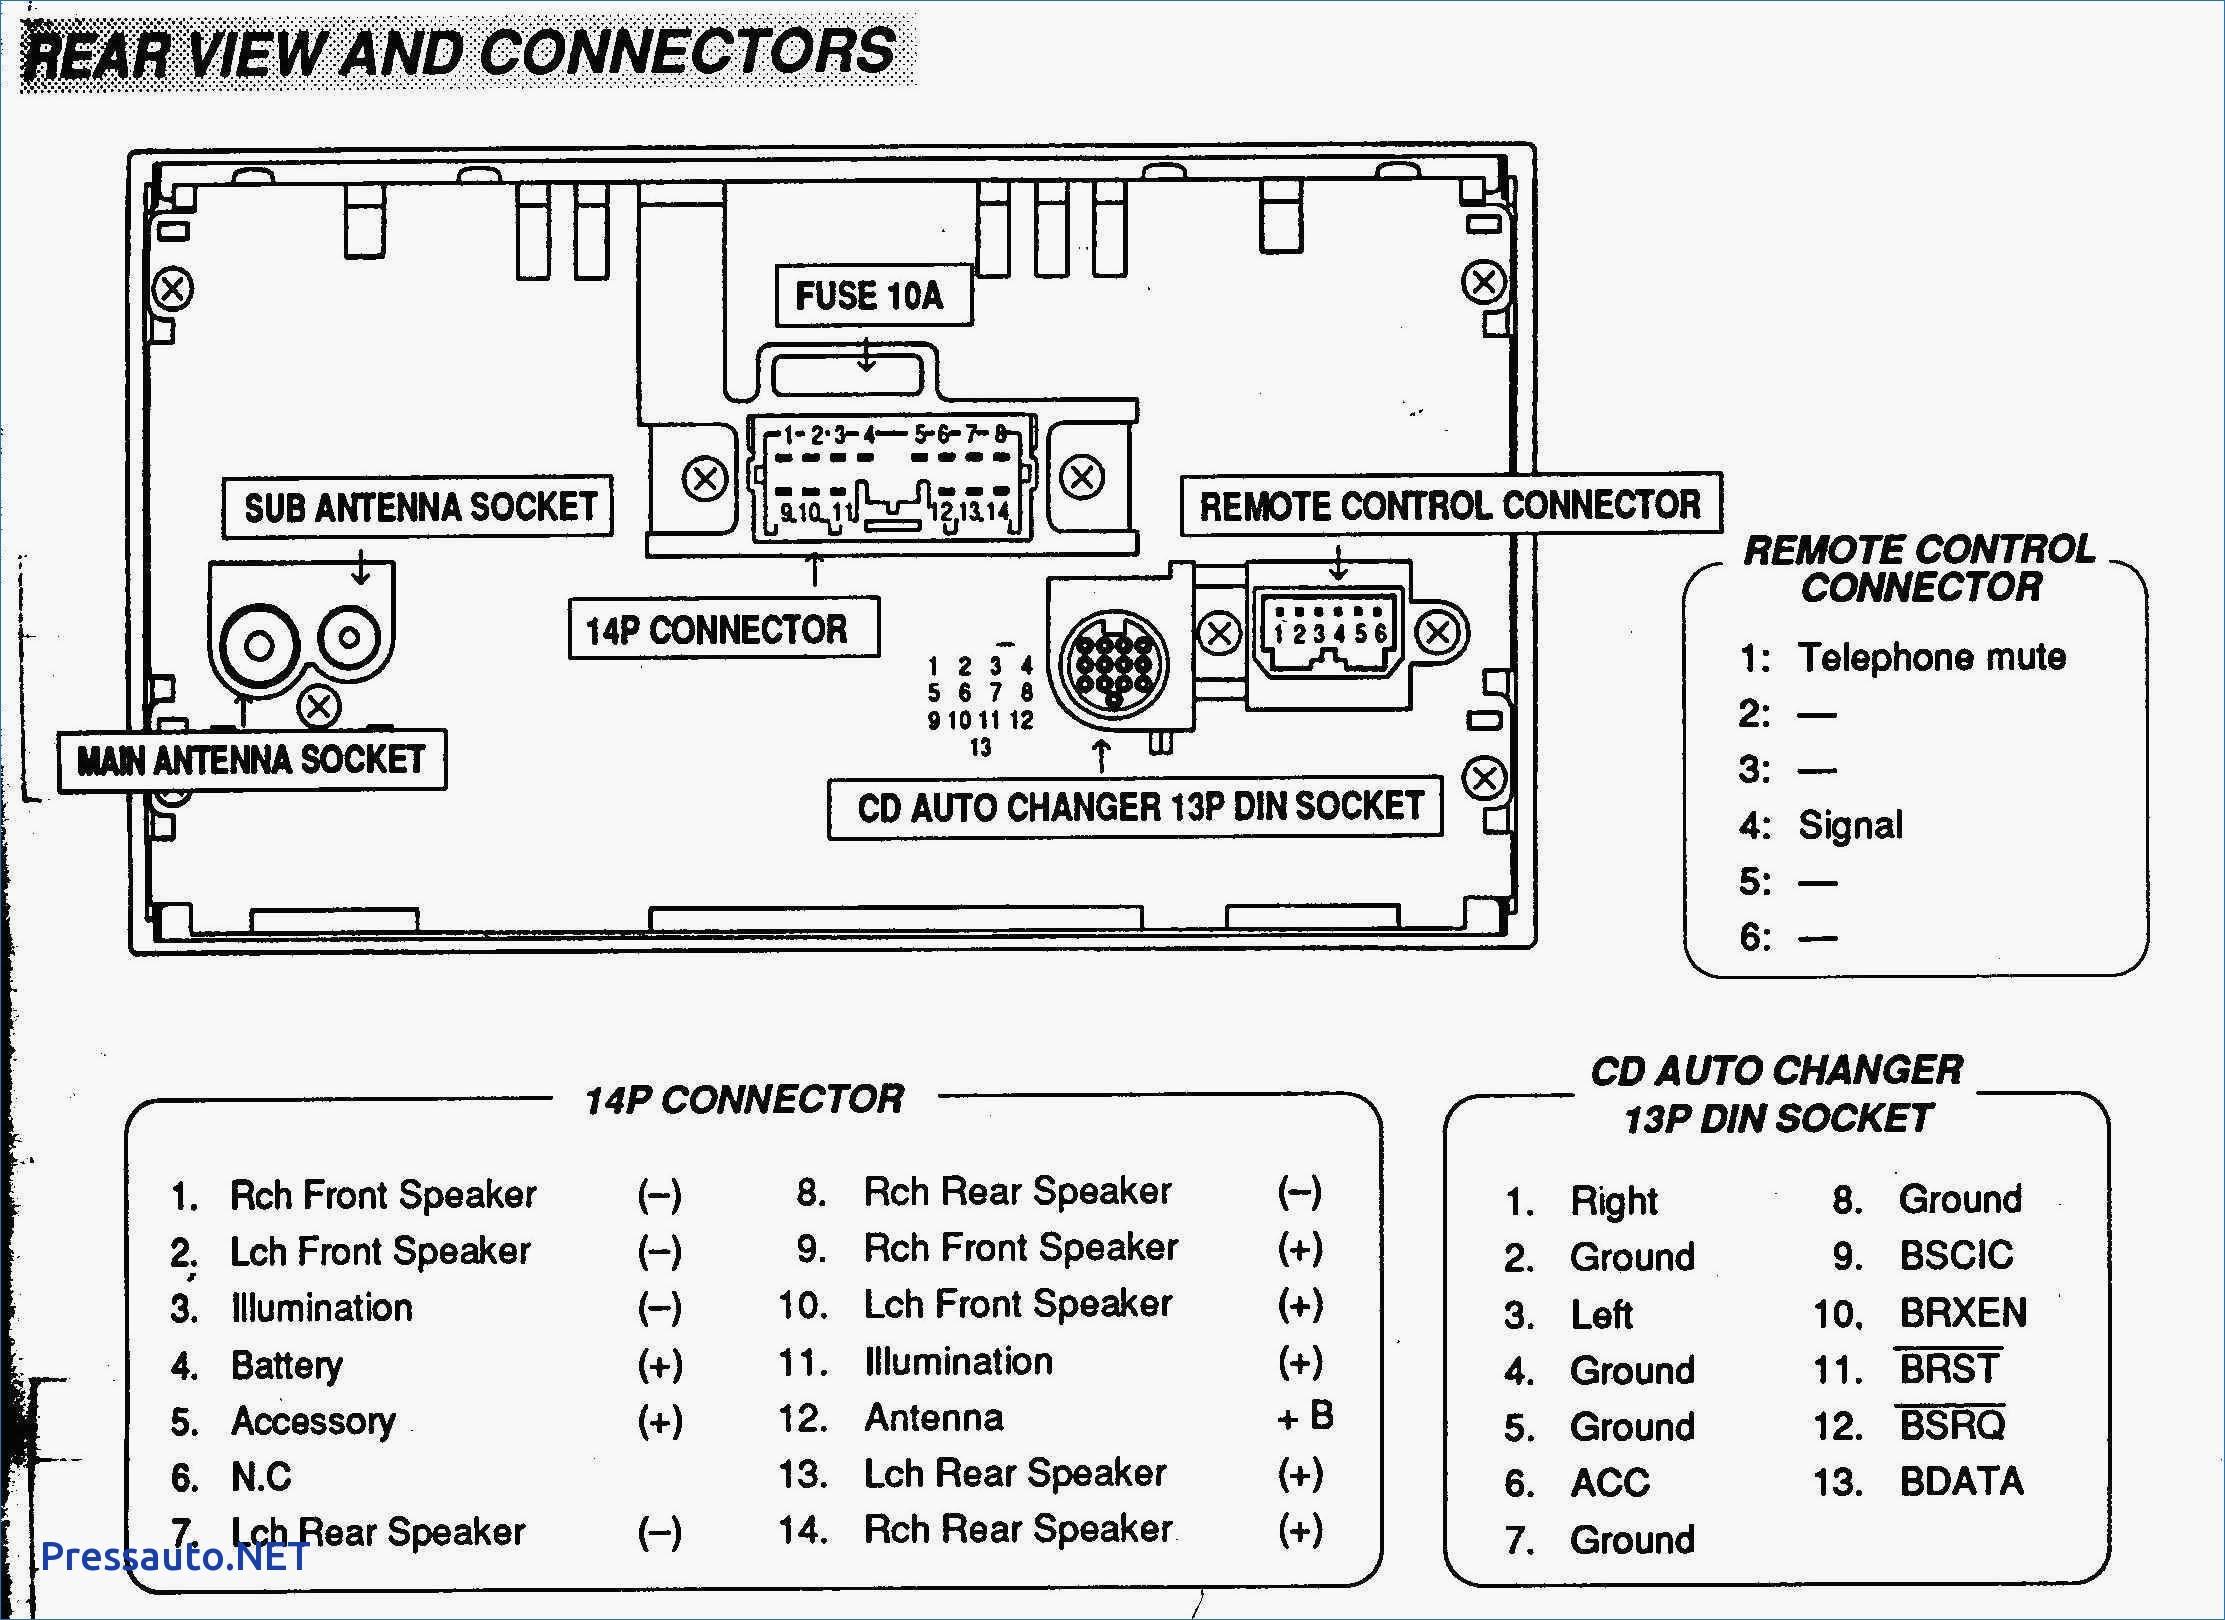 2006 Vw Passat Engine Diagram Volkswagen Metra Harness Wiring Diagram Wiring Diagram Paper Of 2006 Vw Passat Engine Diagram